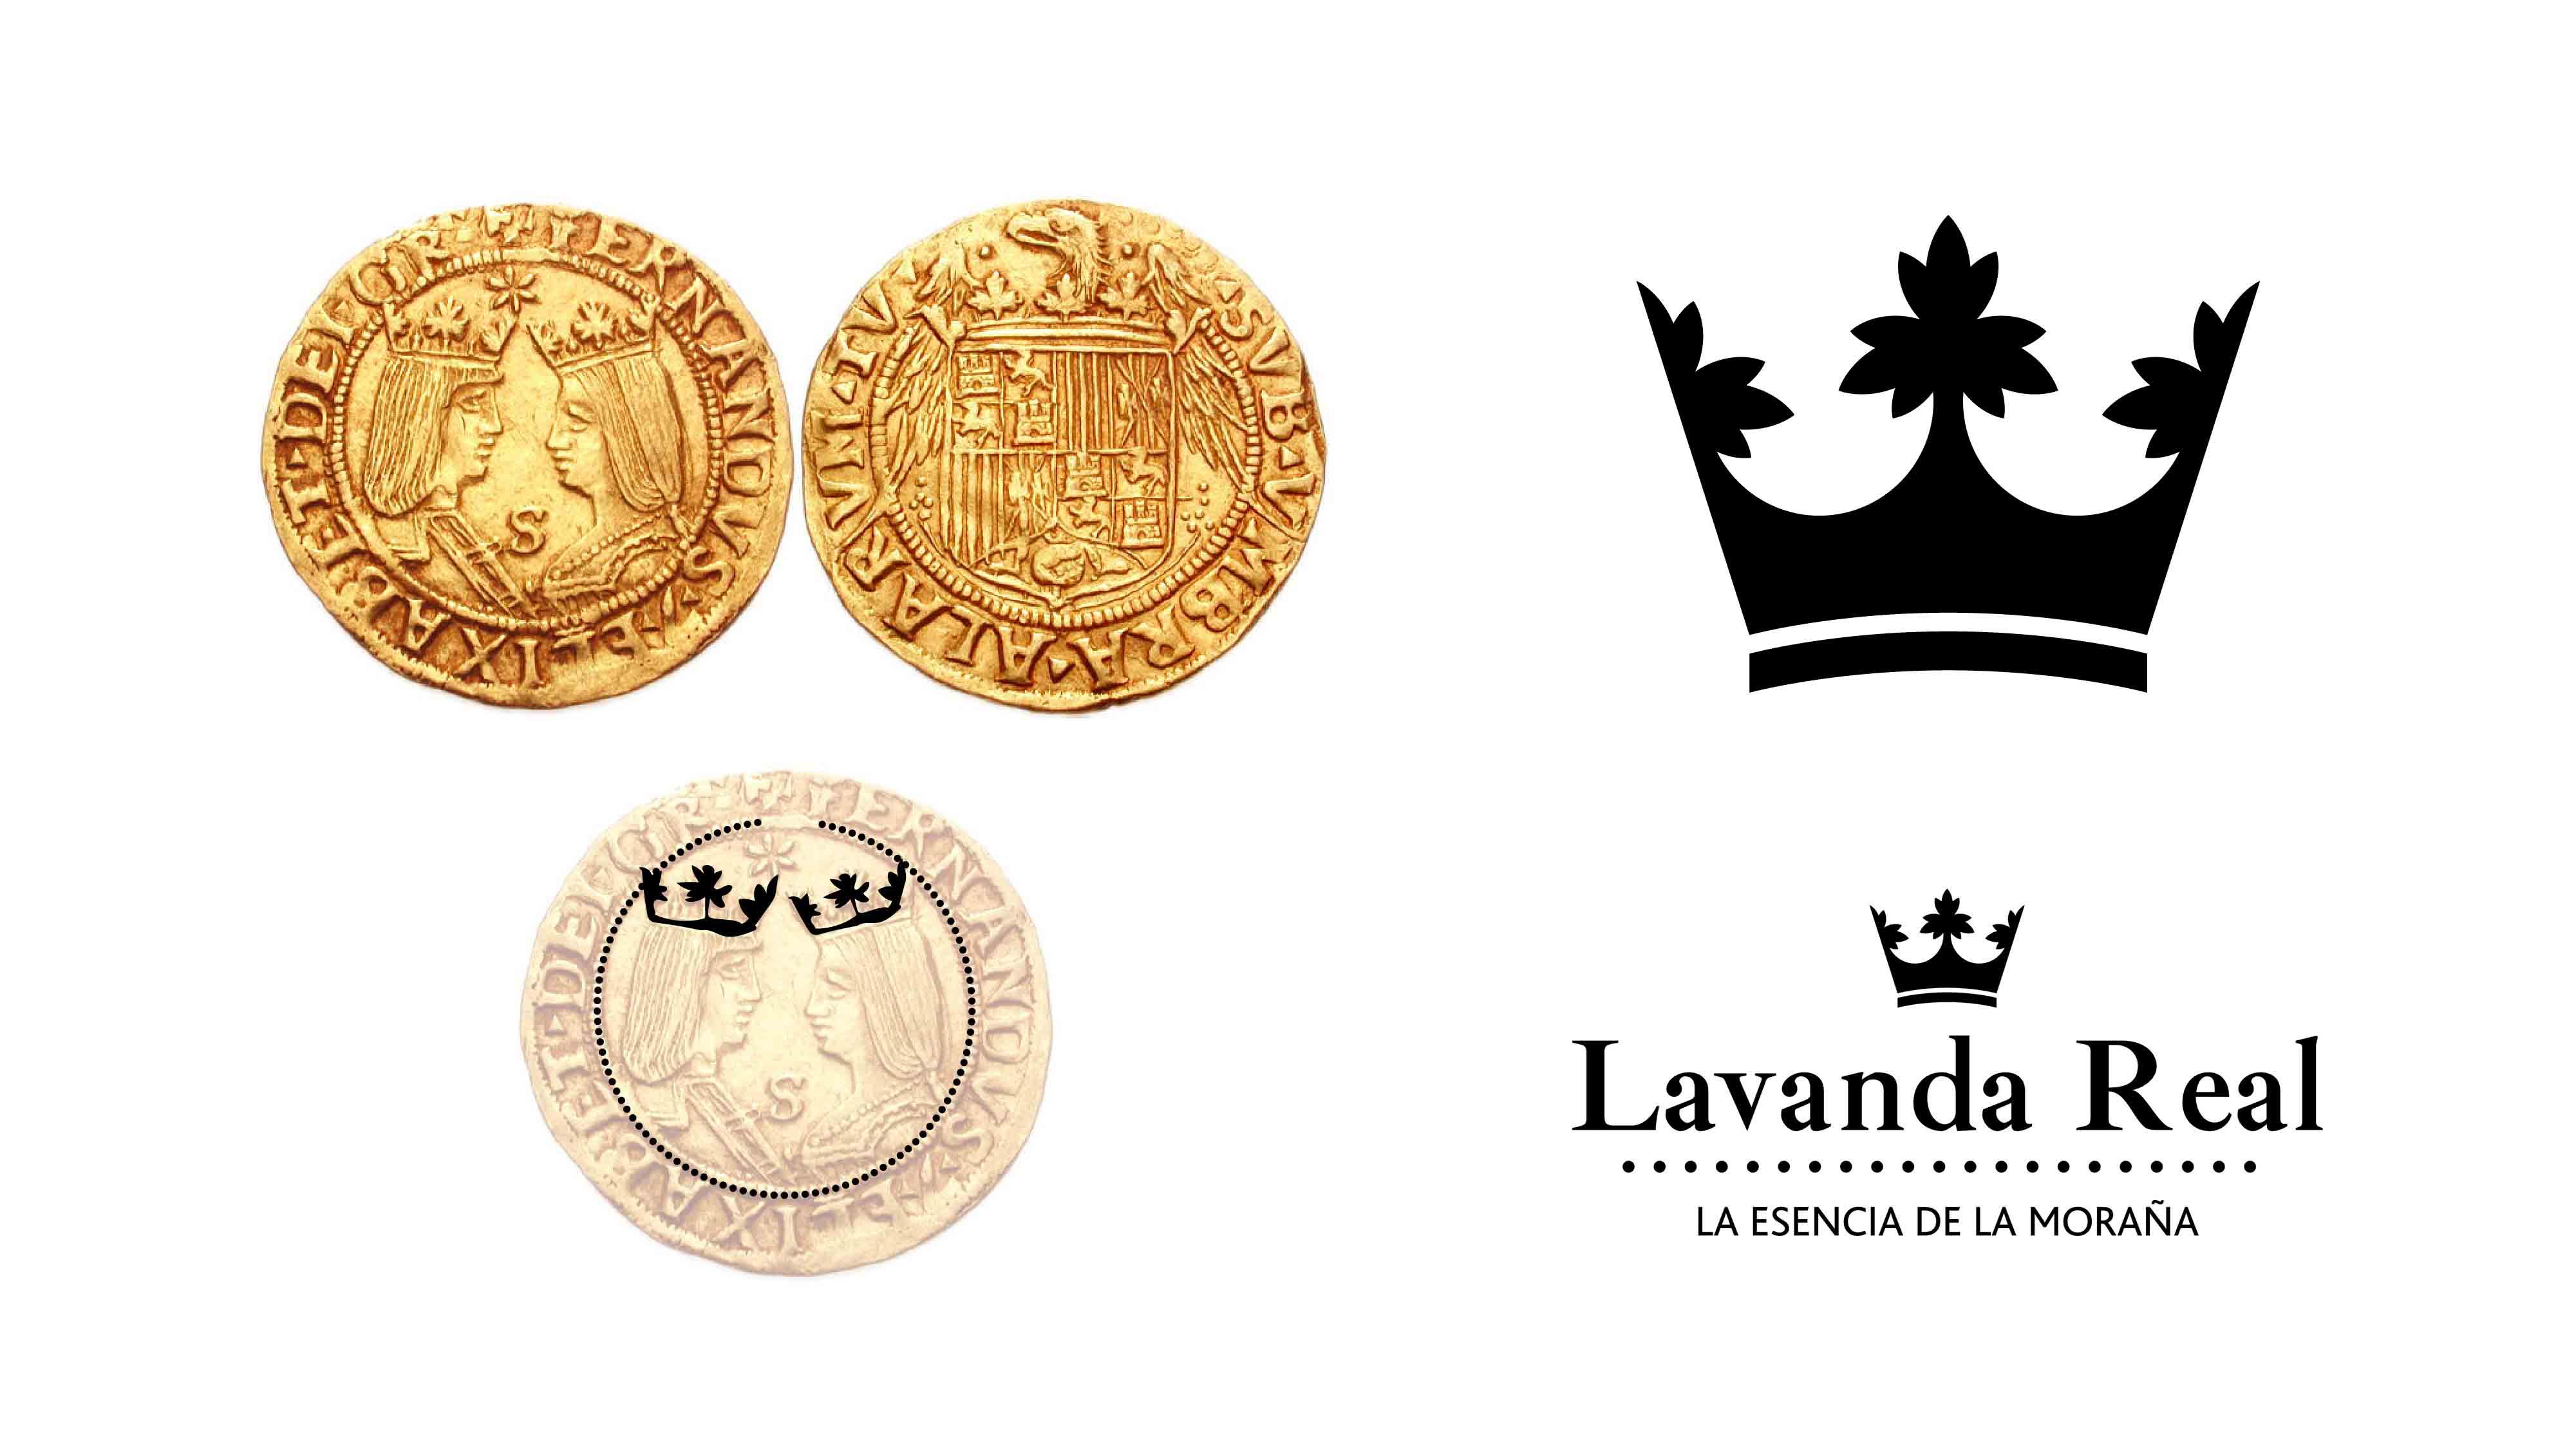 Lavanda Real - Corona Real Castellana